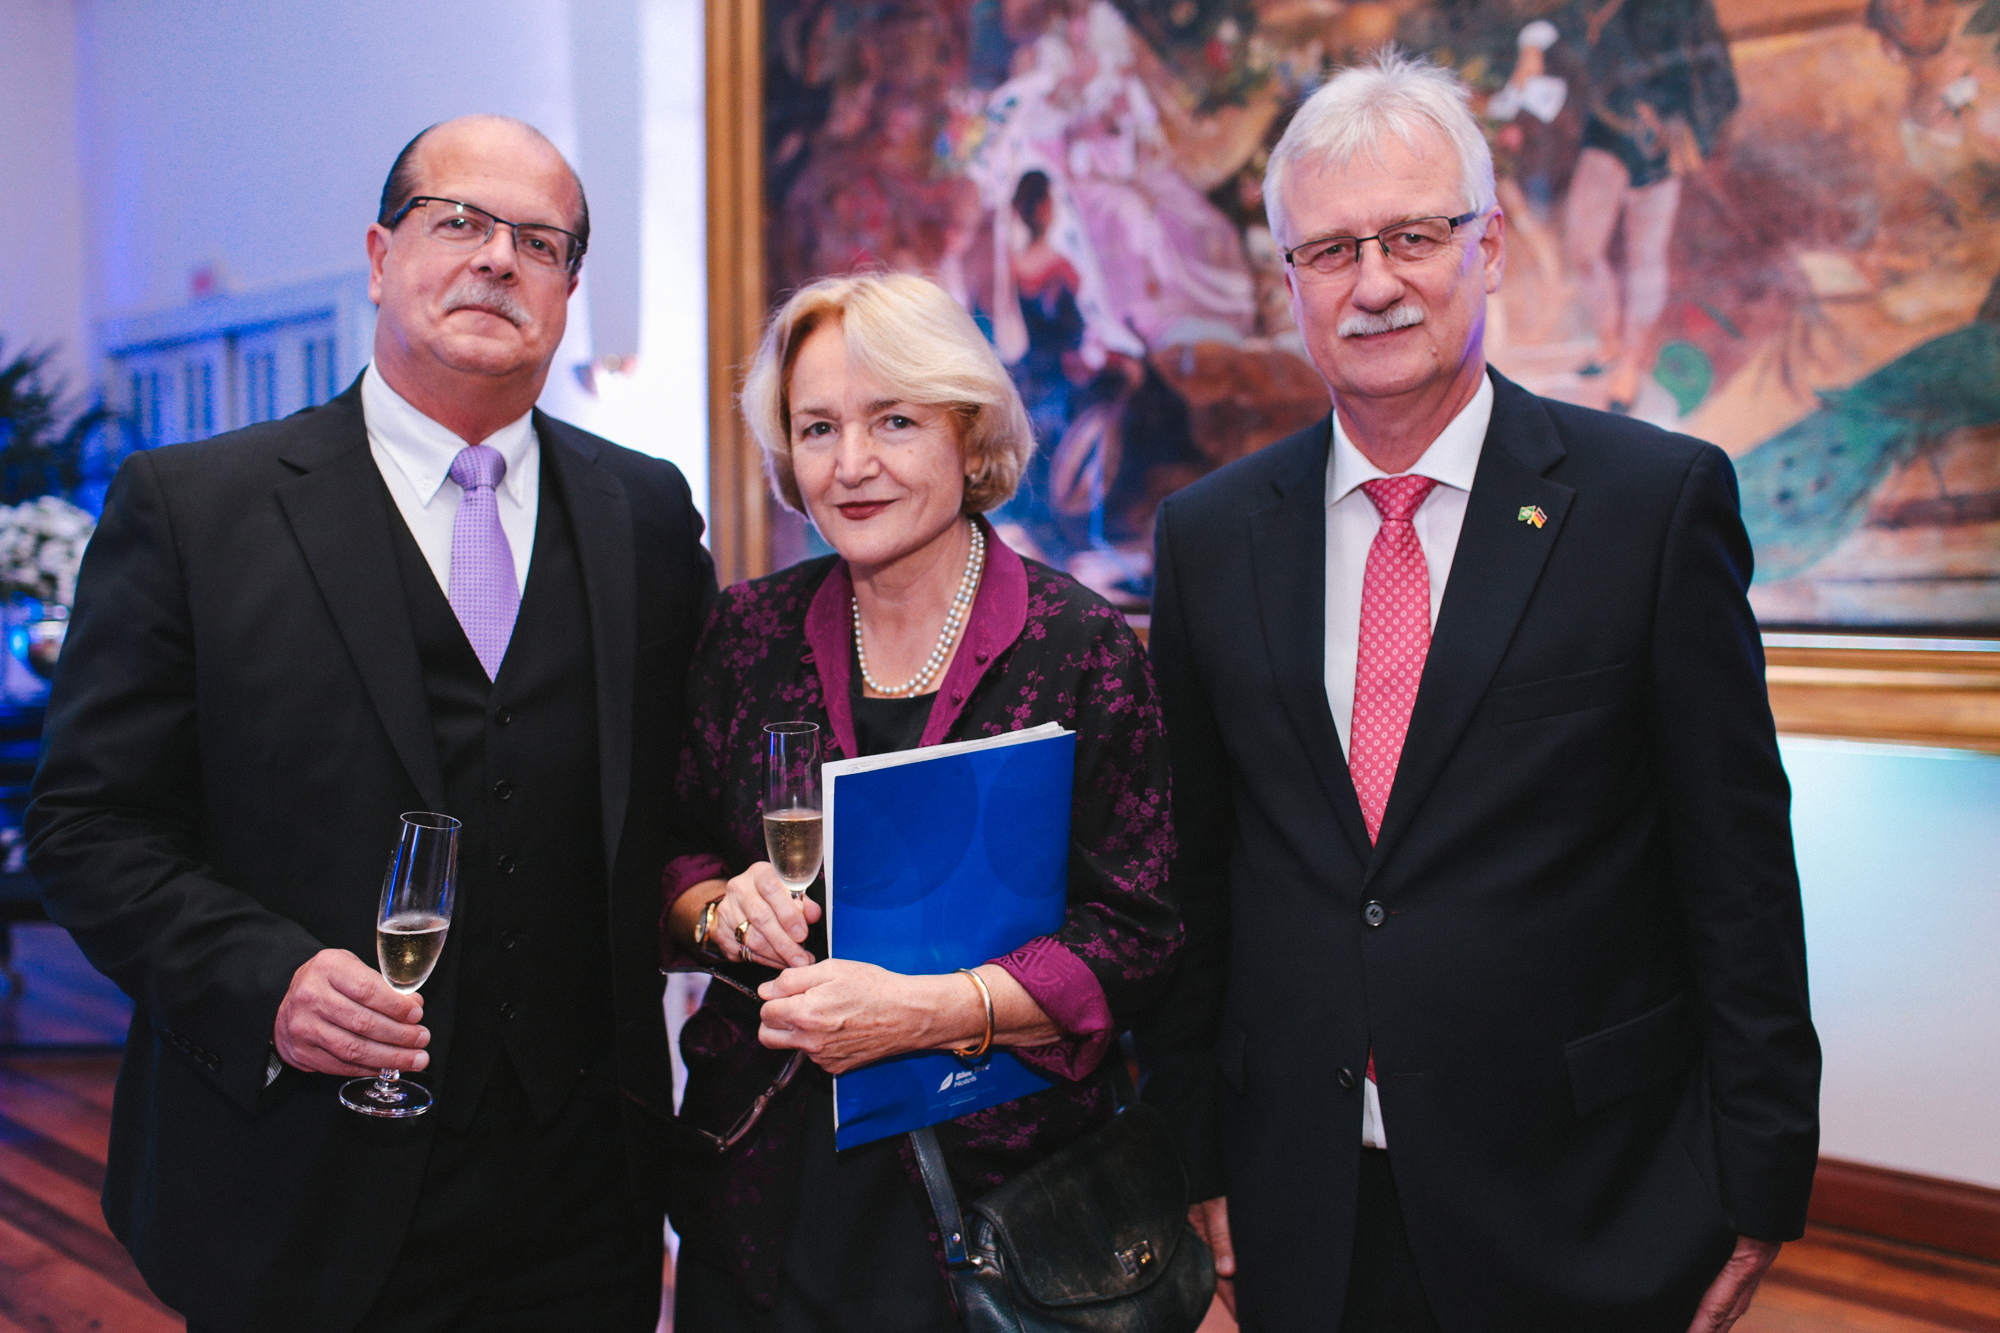 http://www.rio-cologne.de/wp-content/uploads/2016/09/Dt_brasil_Journalistenpreis2015_6.jpg